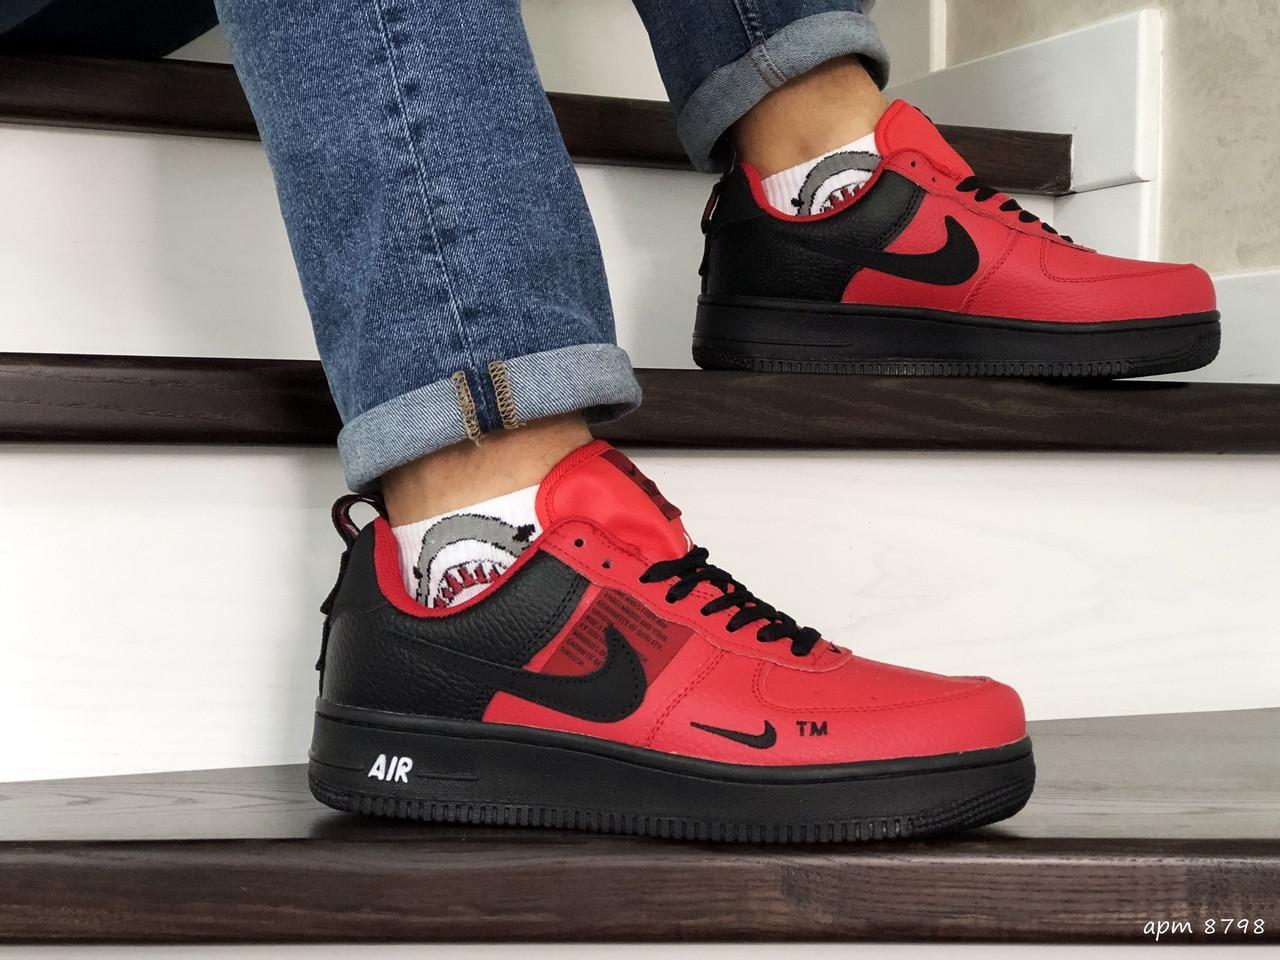 Мужские демисезонные кроссовки Nike Air Force,красные с черным